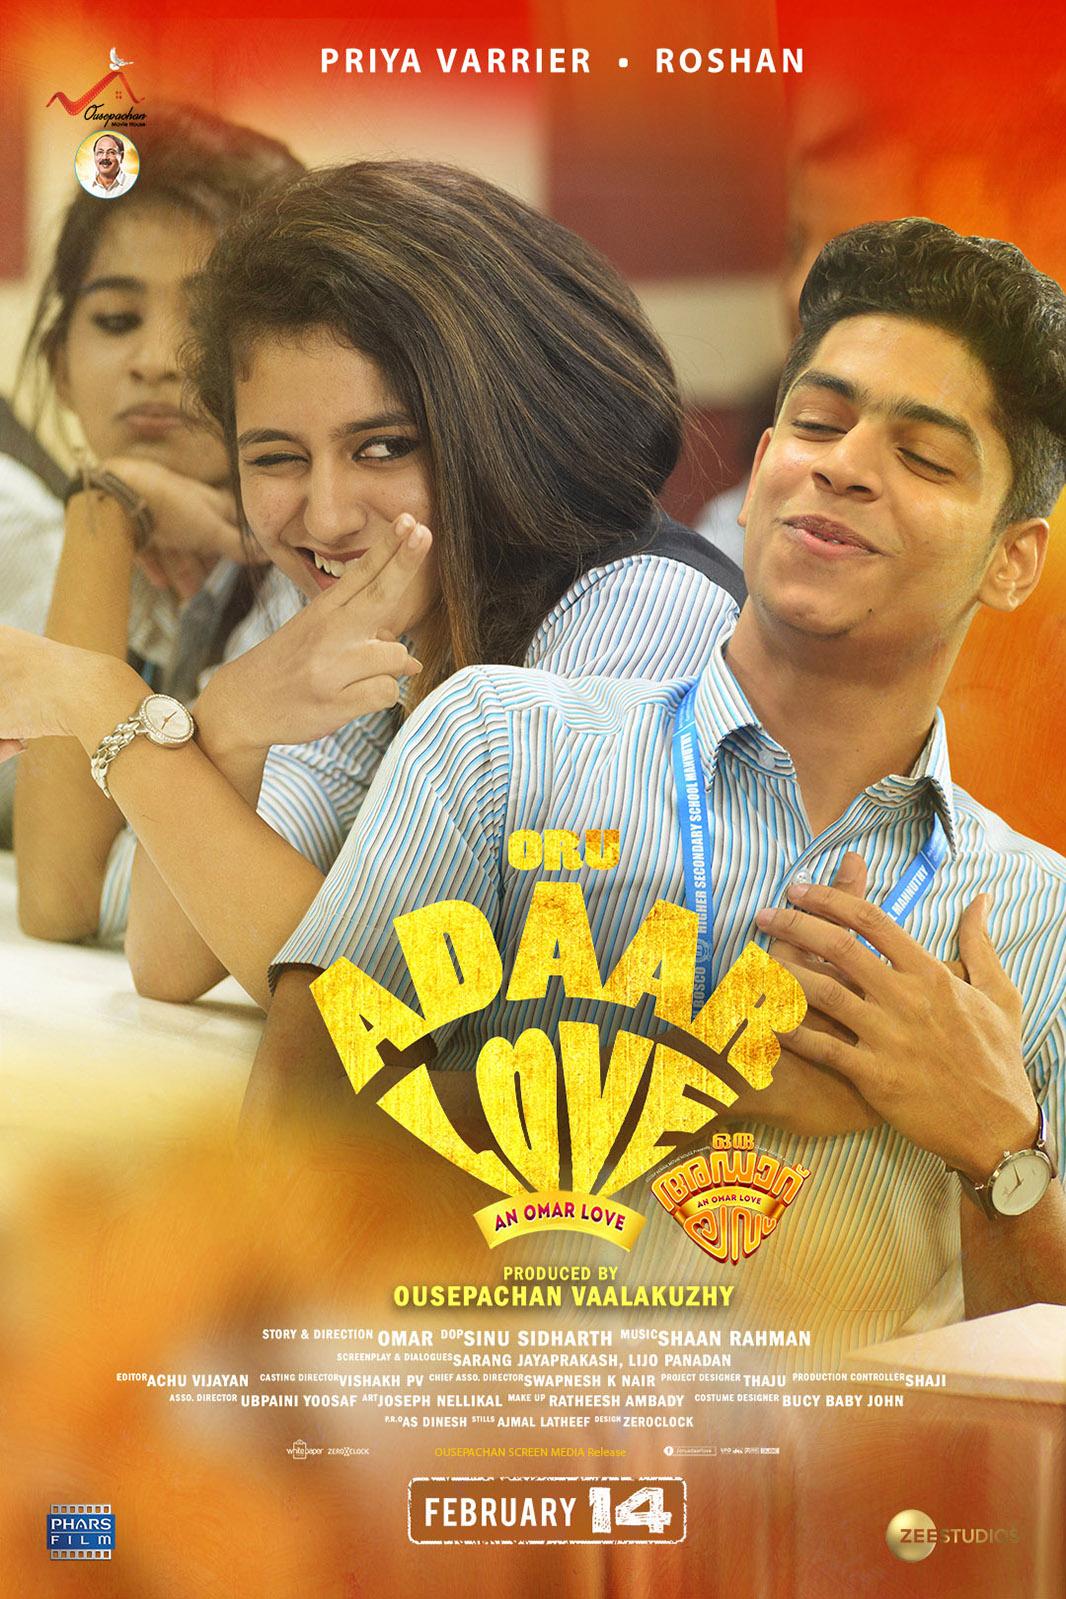 Ek Dhansu Love Story (Oru Adaar Love) 2021 Hindi Dubbed 720p HDRip 800MB | 380MB Download